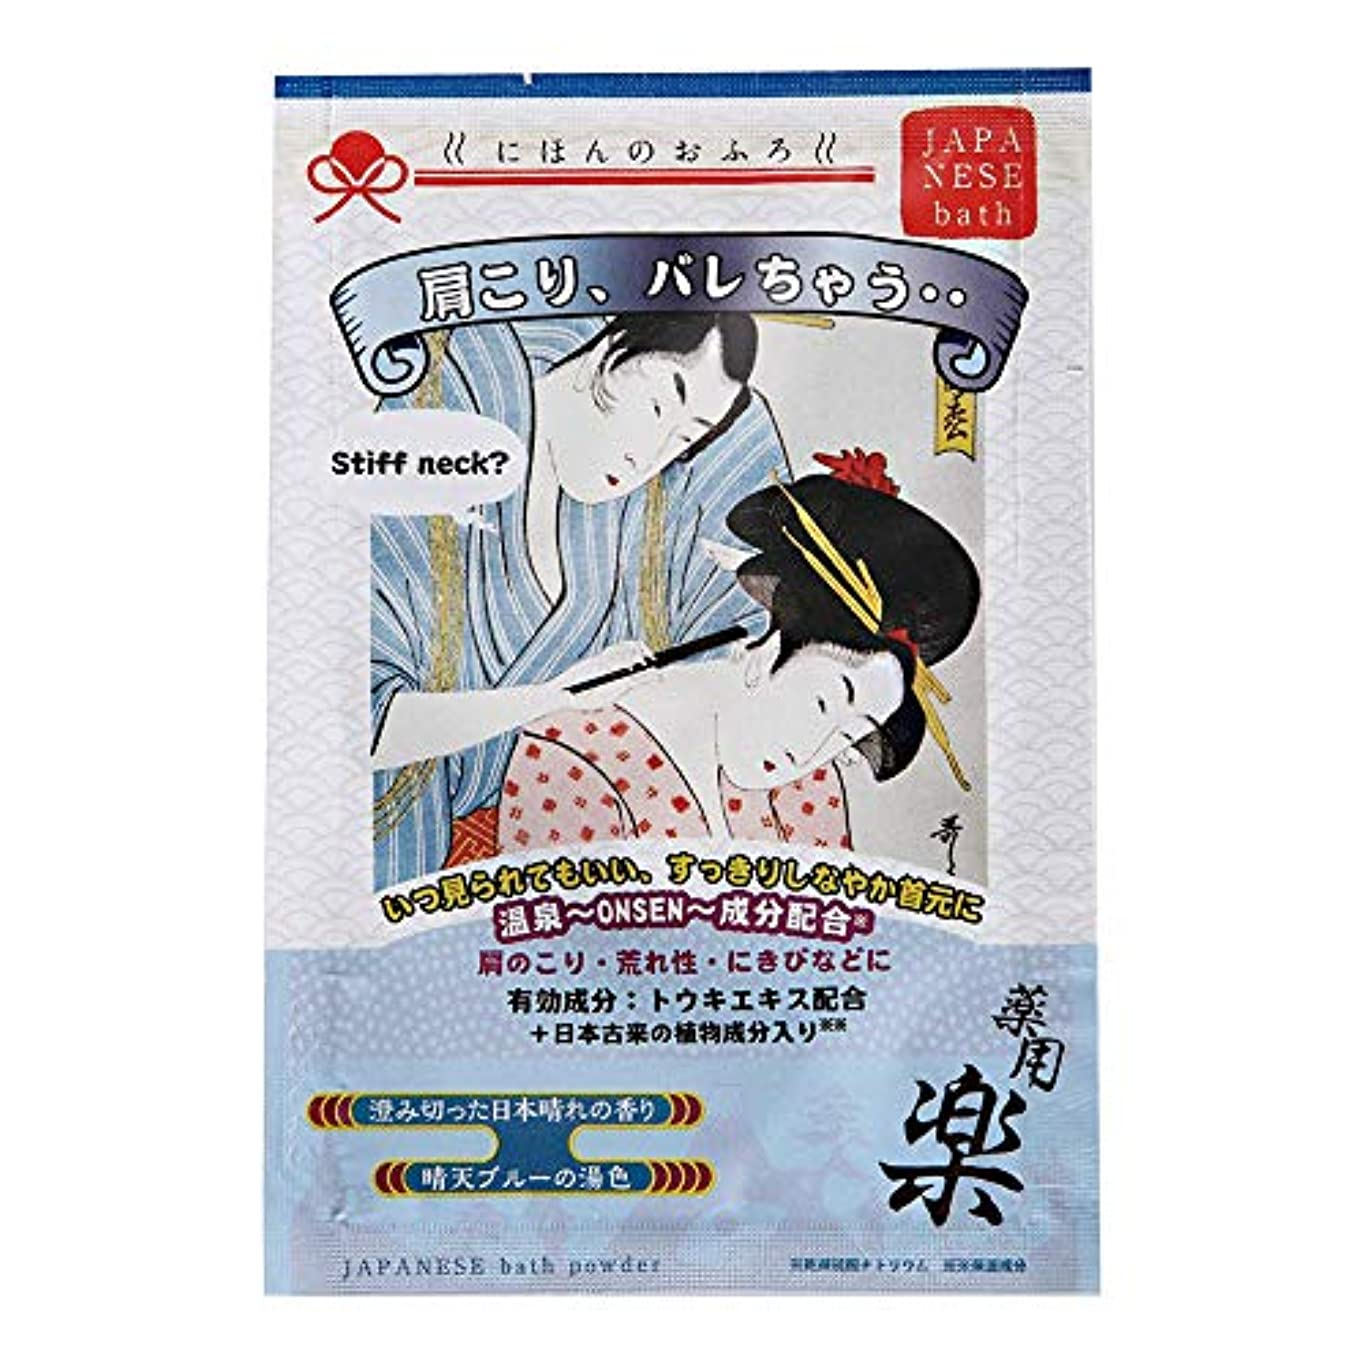 自分のために大脳セクションにほんのおふろ 肩こり、バレちゃう?? 澄み切った日本晴れの香り 25g